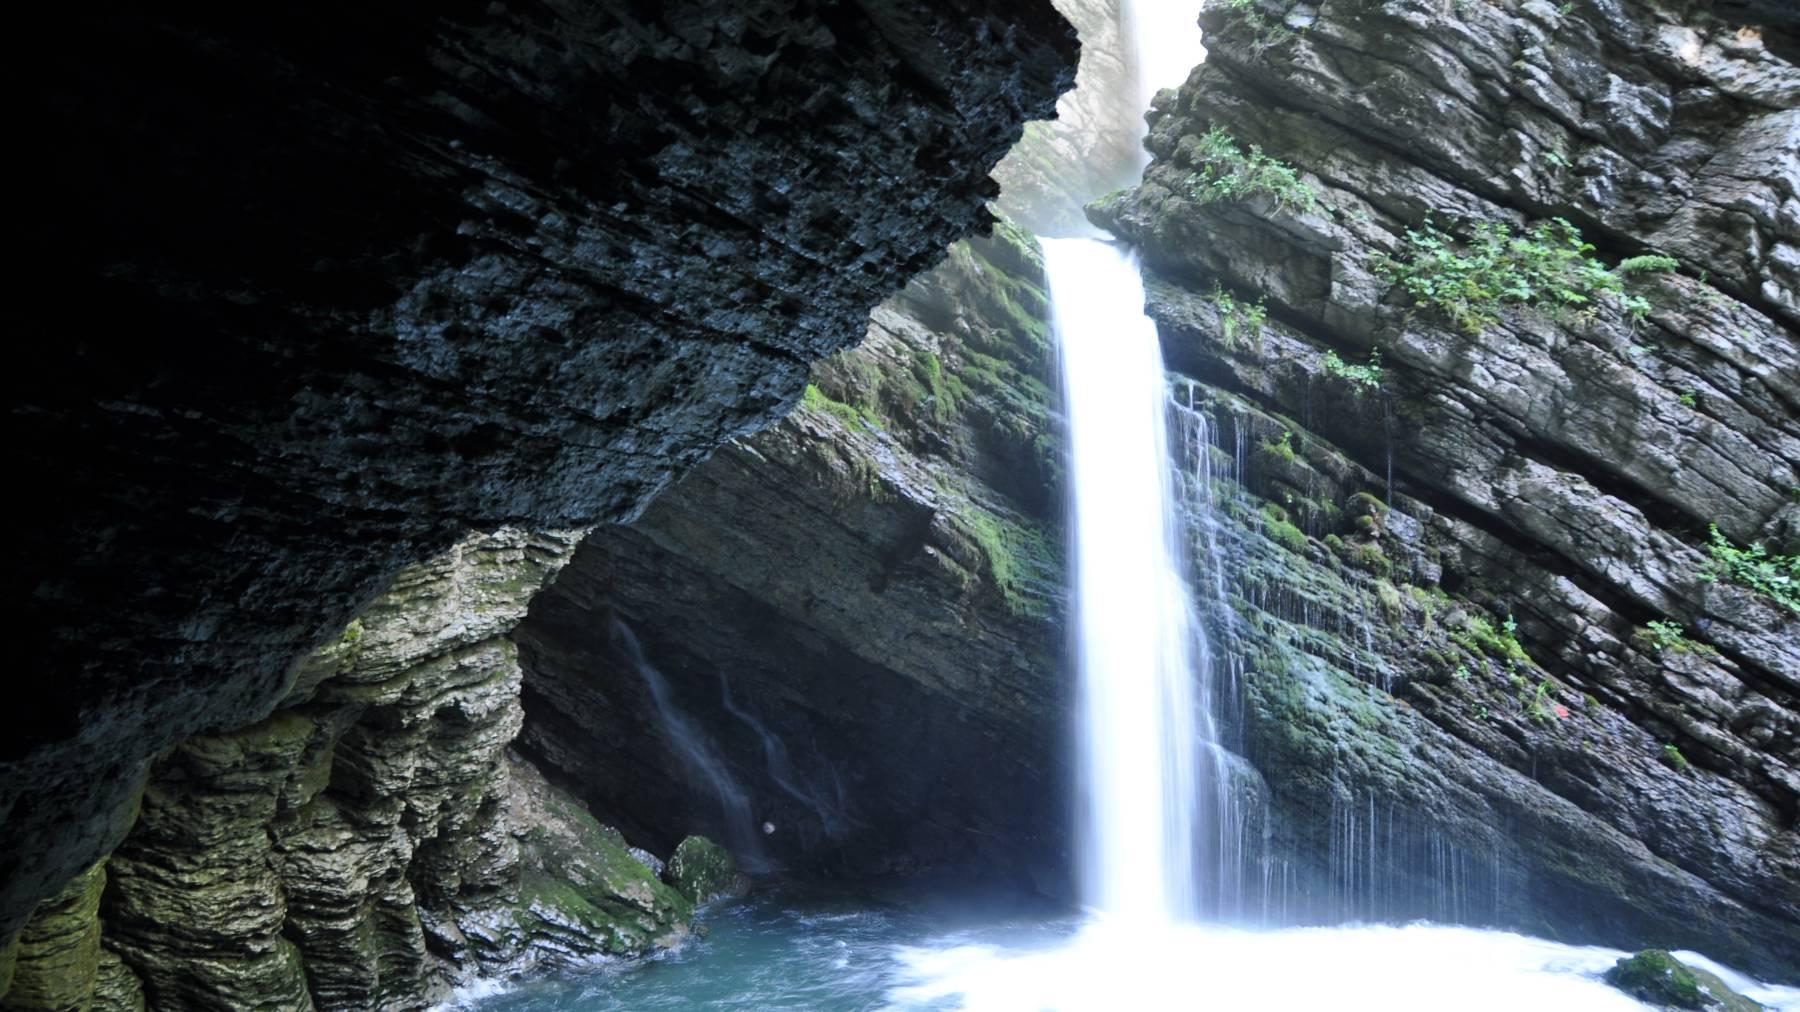 Vielleicht nicht gerade die Niagarafälle, aber dafür höchst romantisch und wild: die Thurwasserfälle bei Unterwasser im Toggenburg.